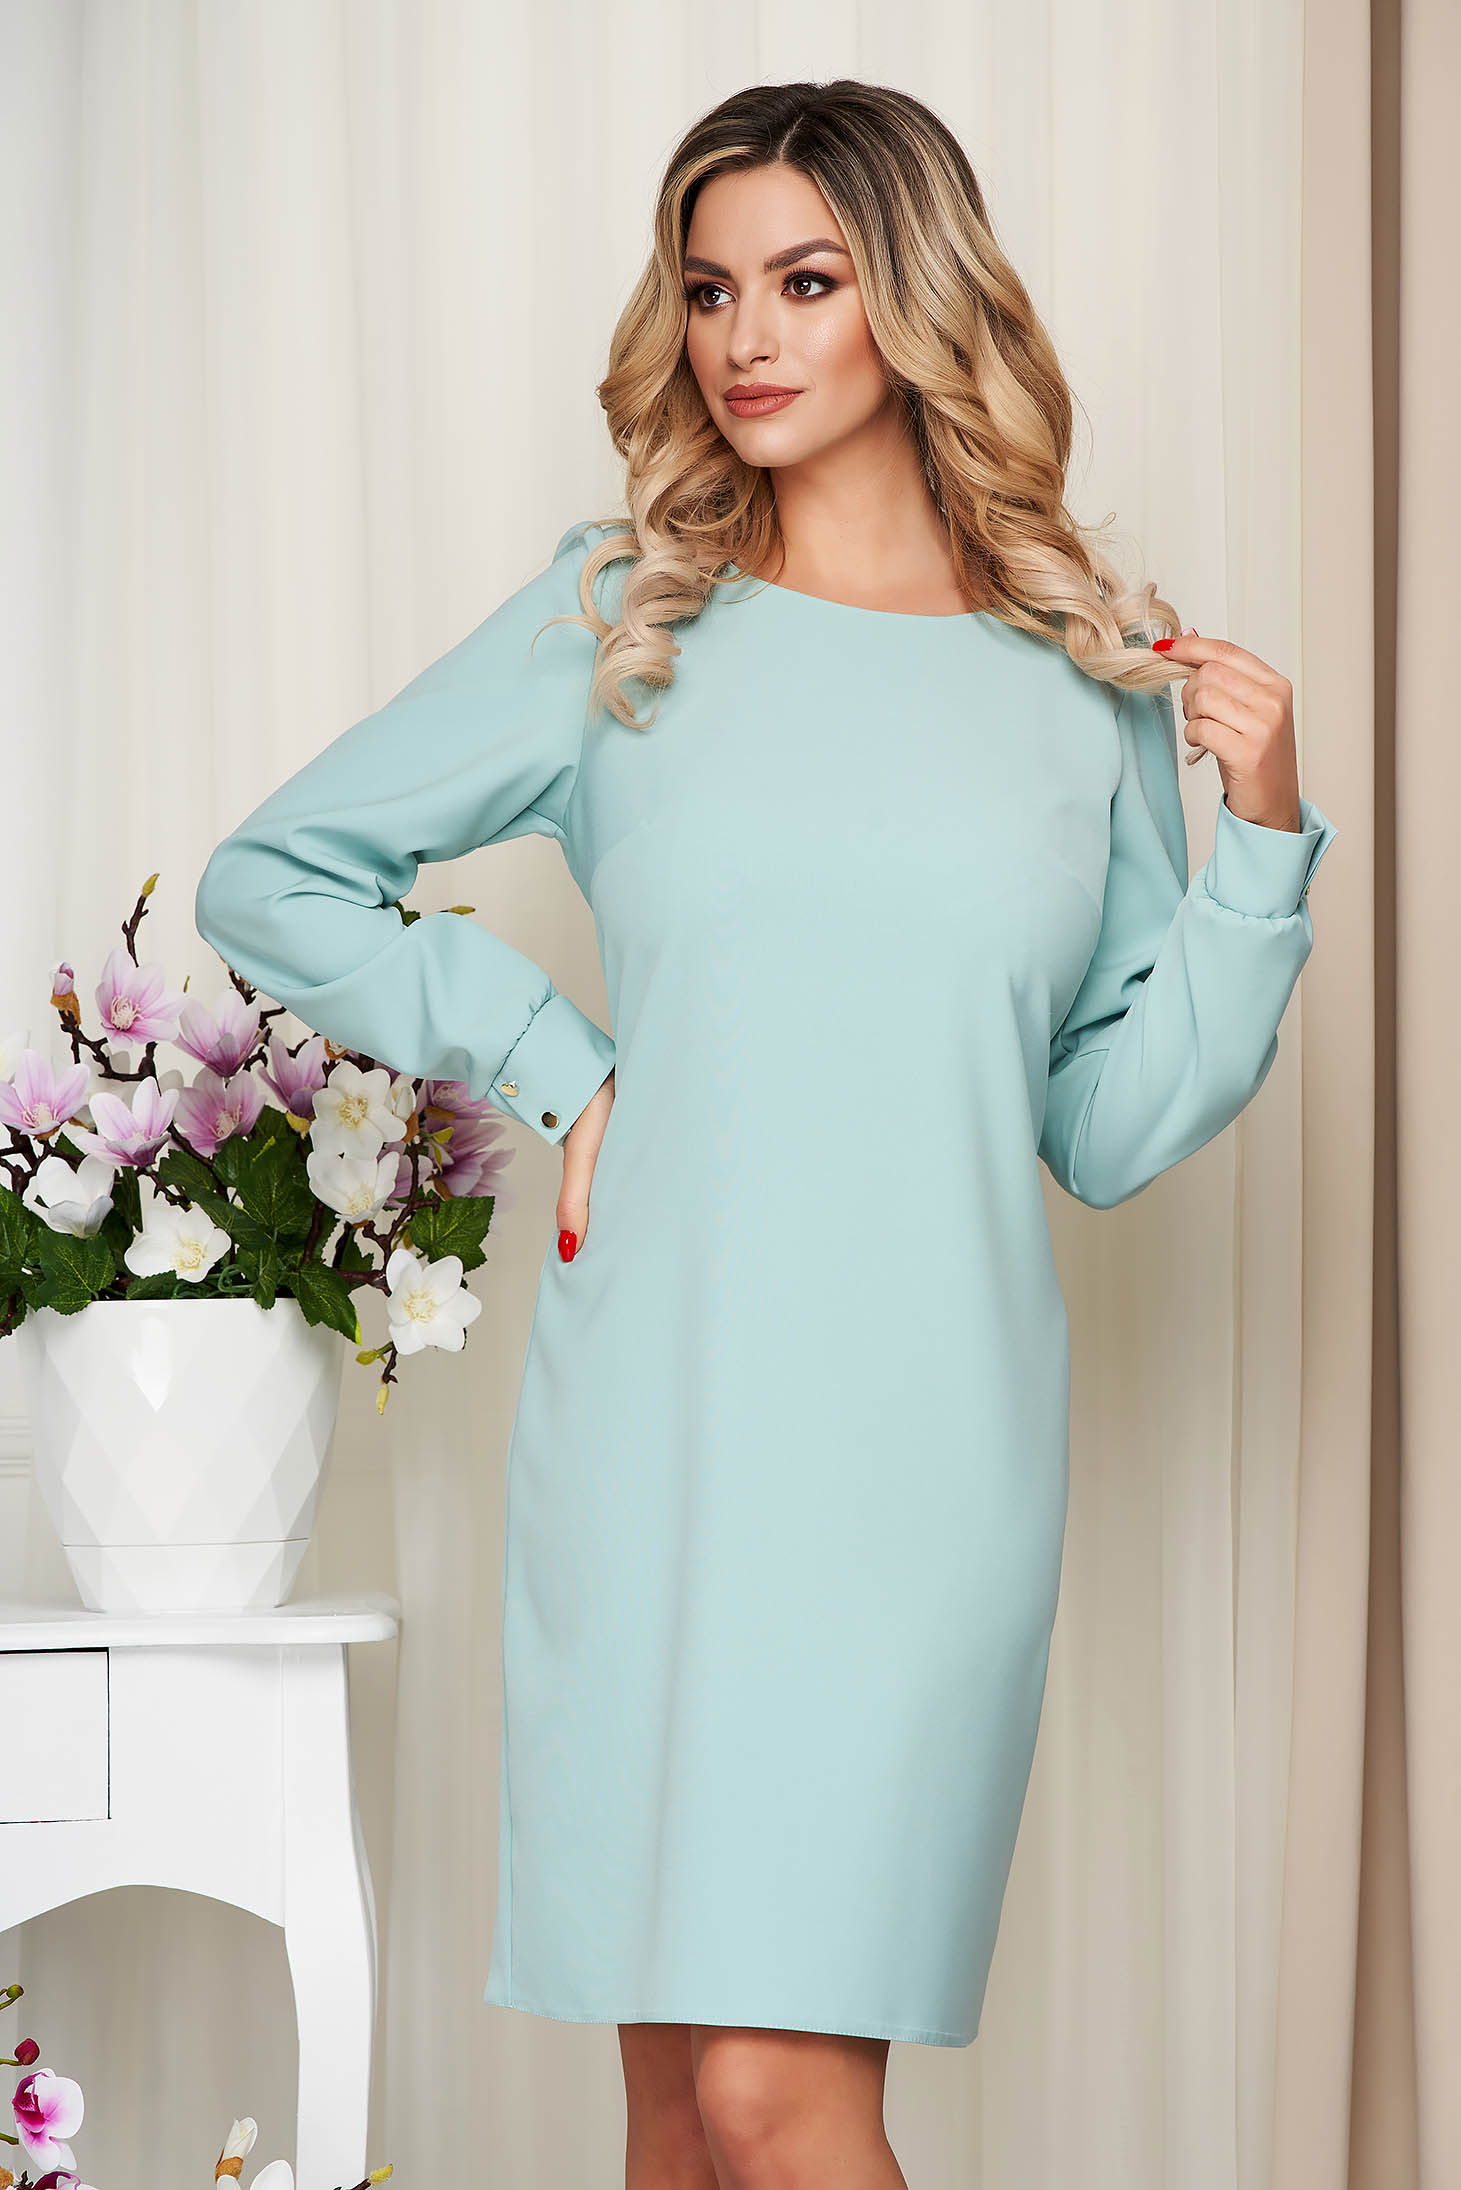 Dress StarShinerS mint office midi cloth straight